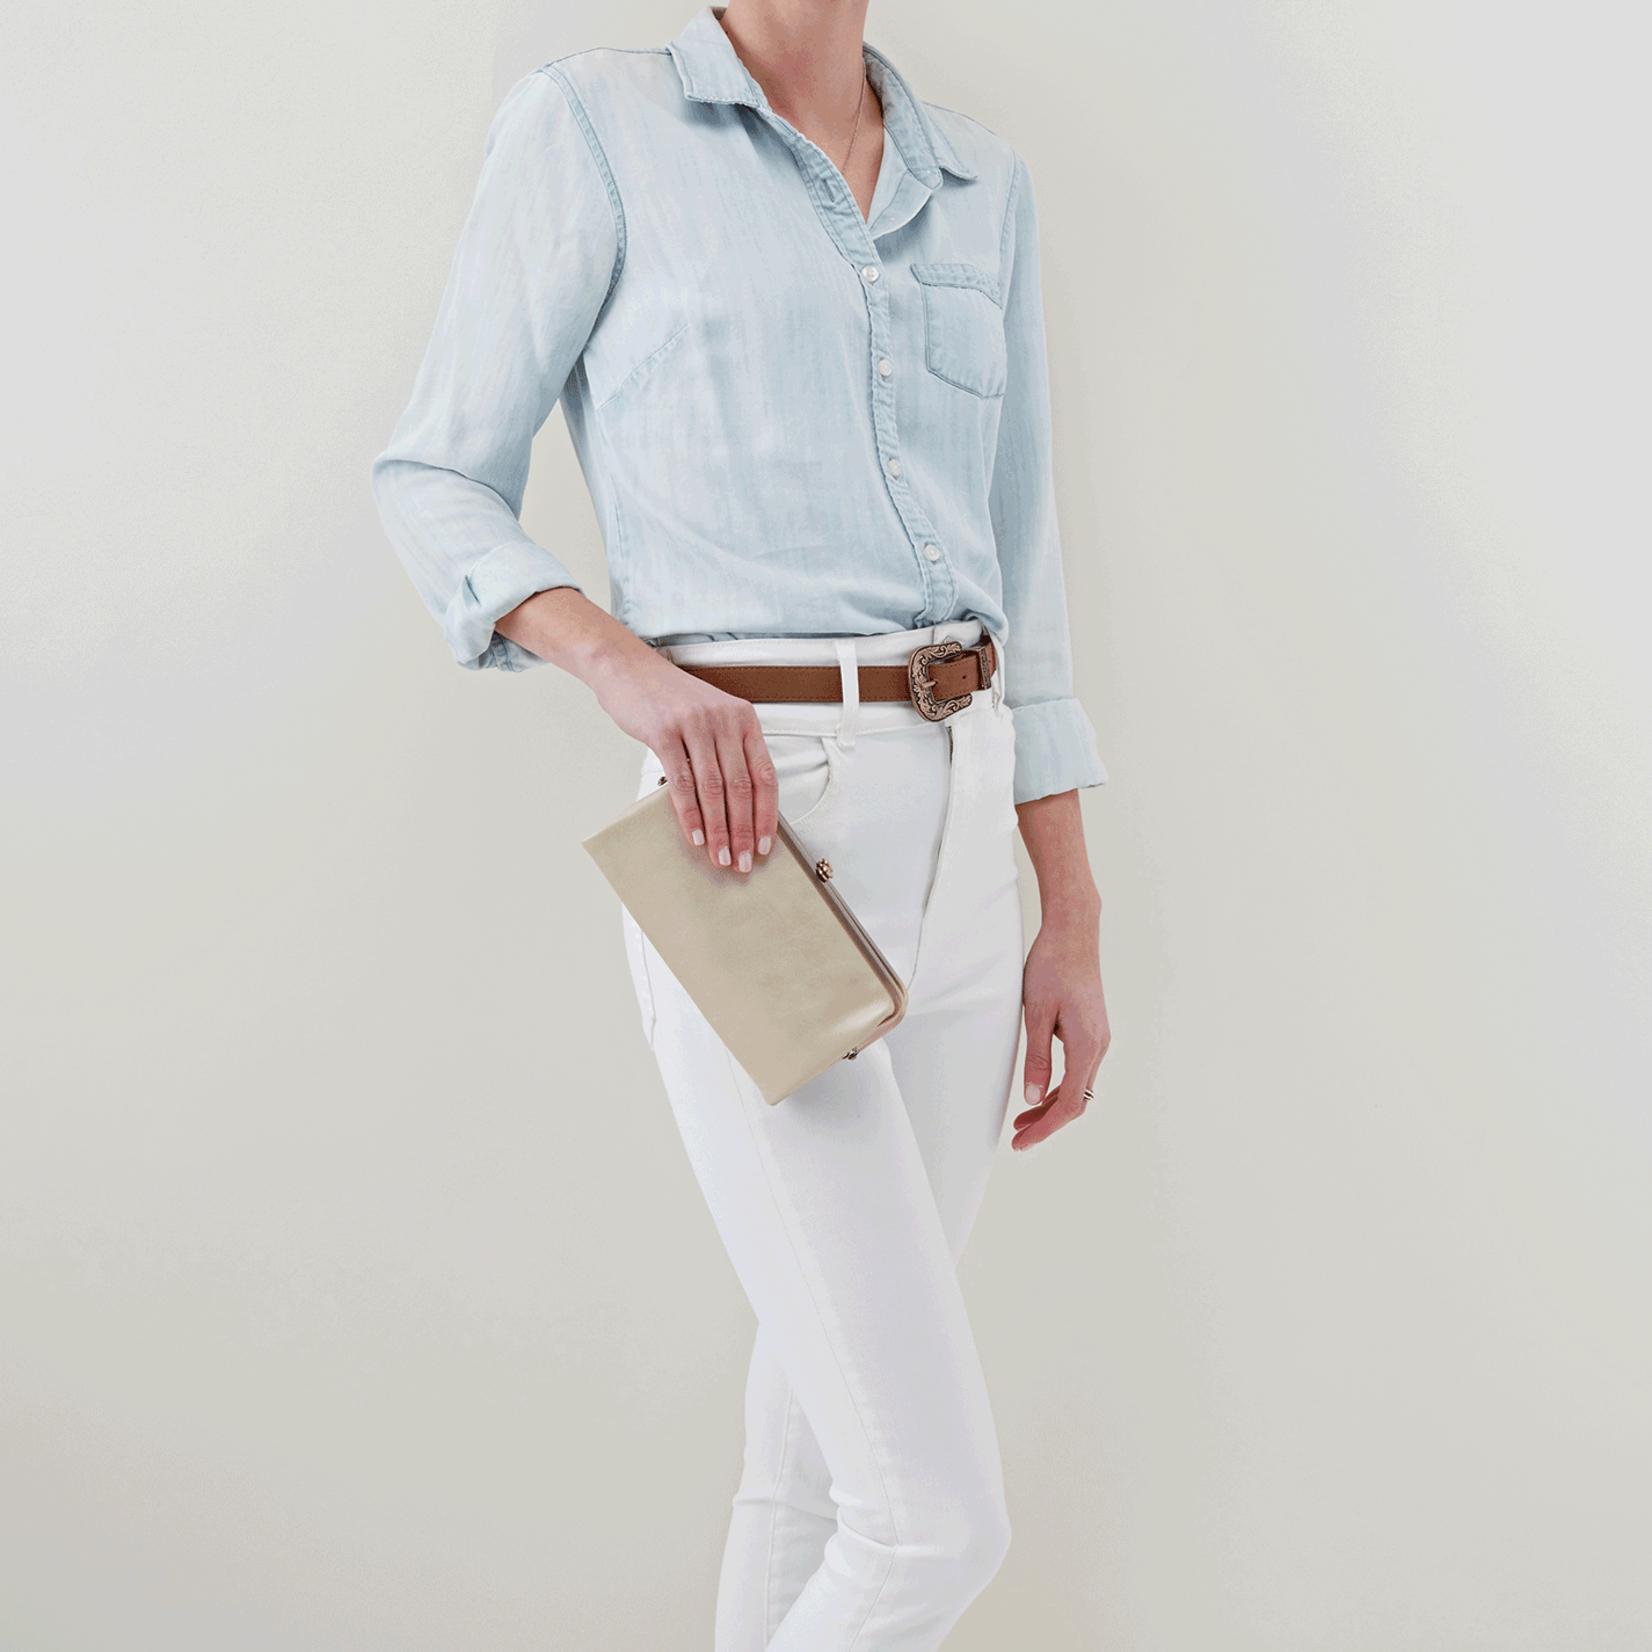 Lauren Wallet in Sandshell